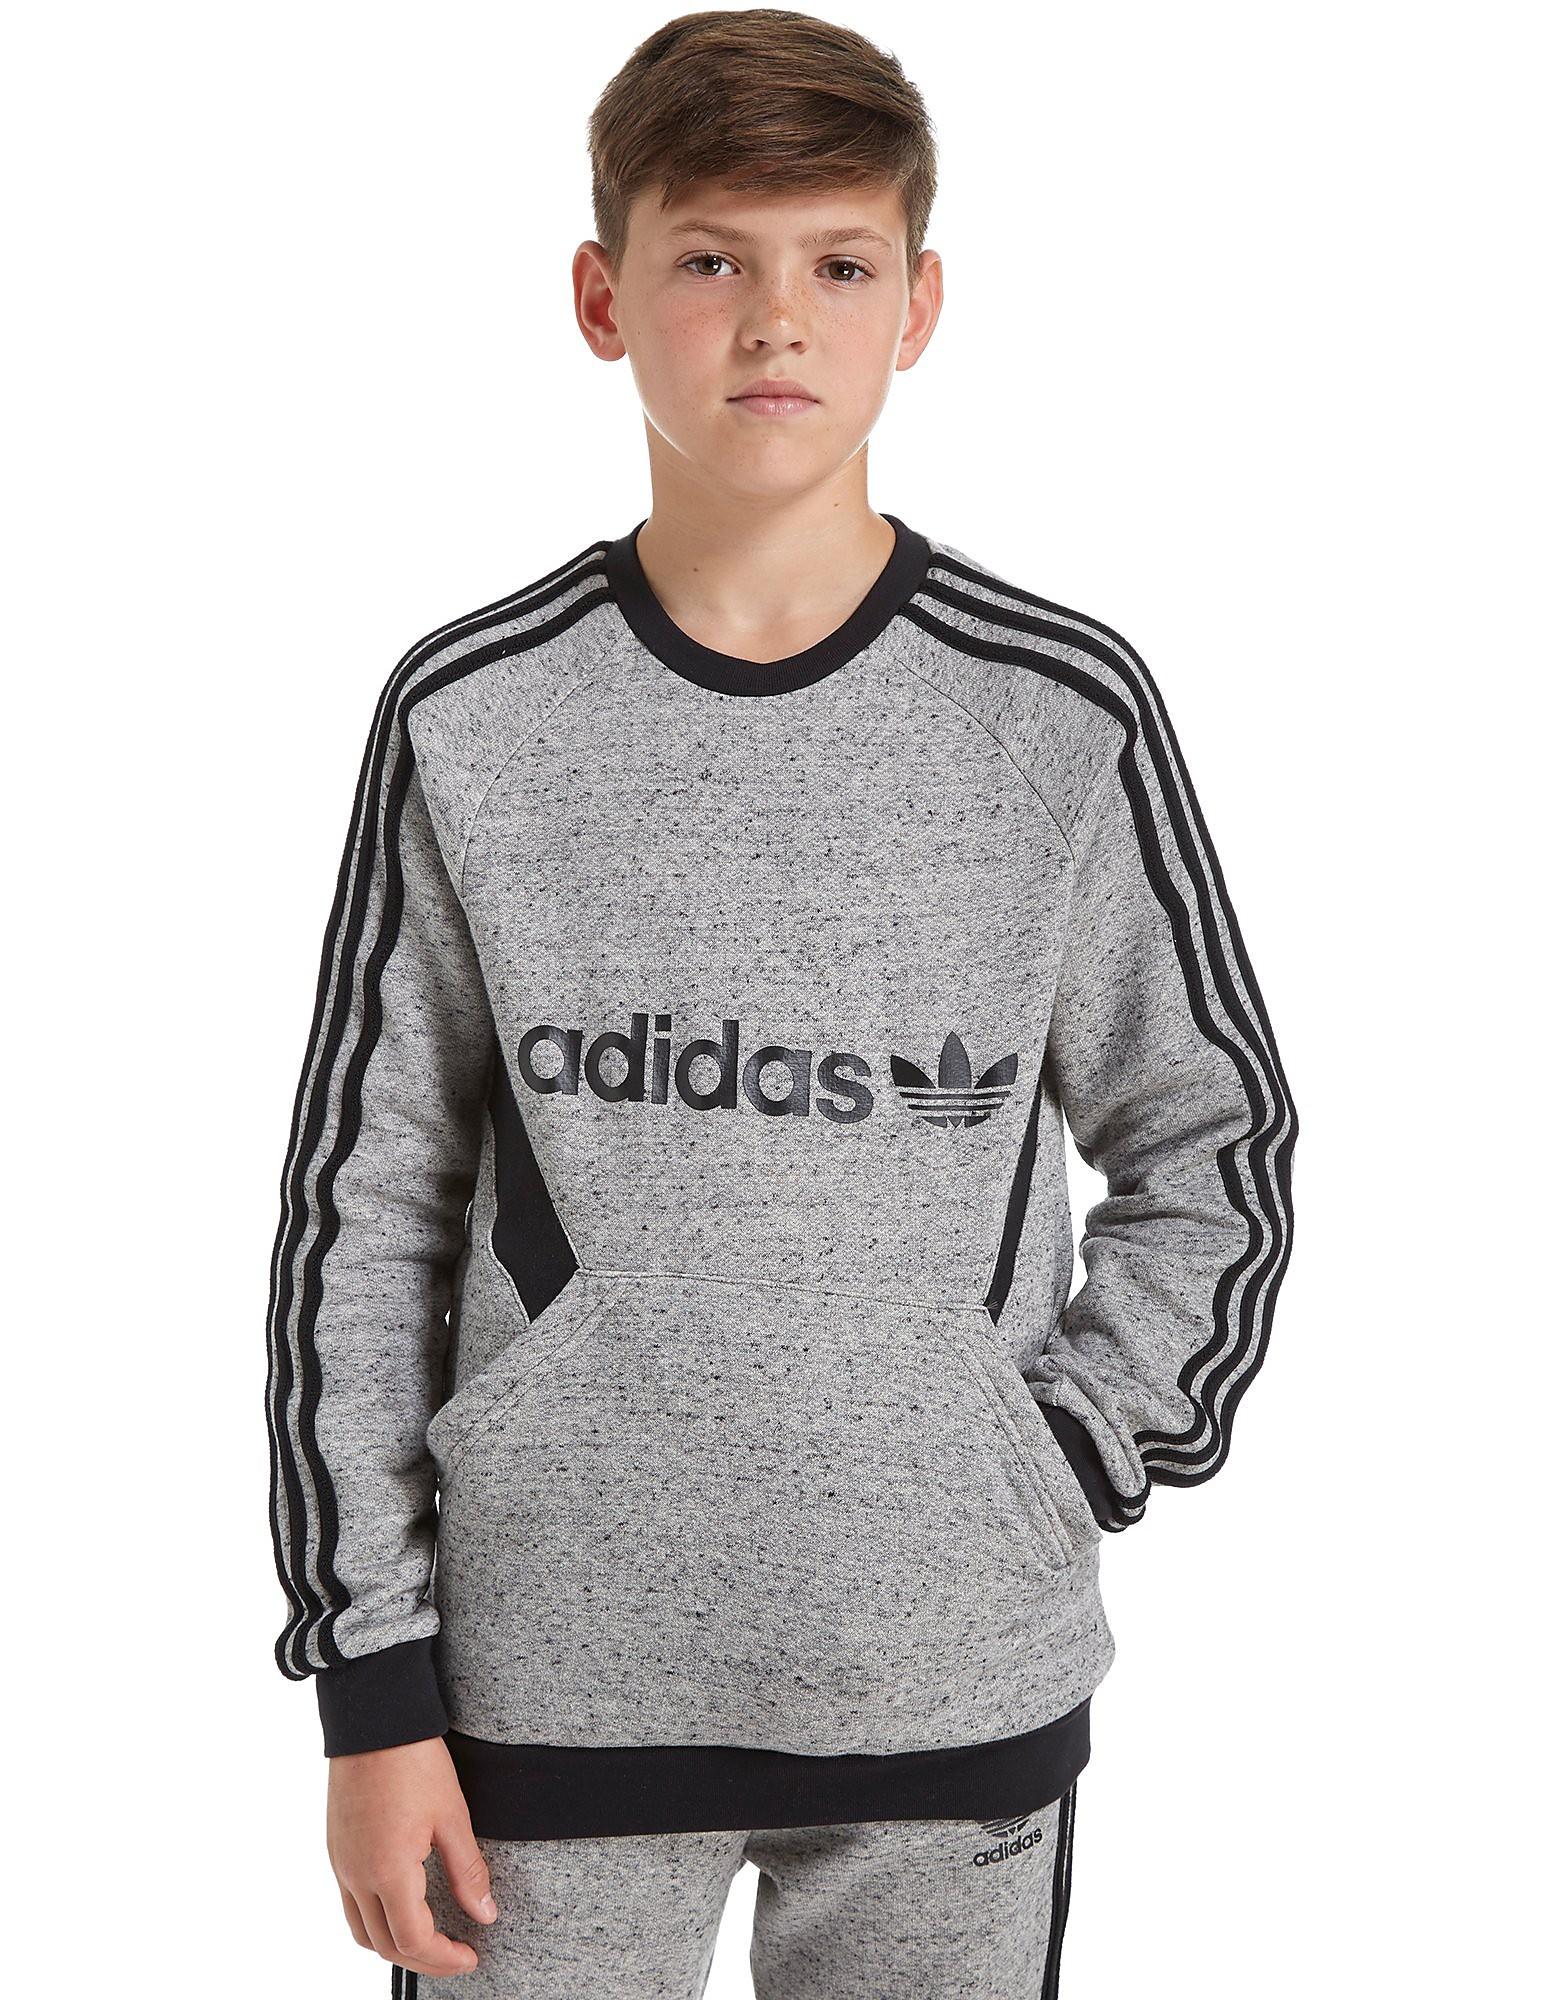 adidas Originals Trefoil Series Crew Sweatshirt Junior